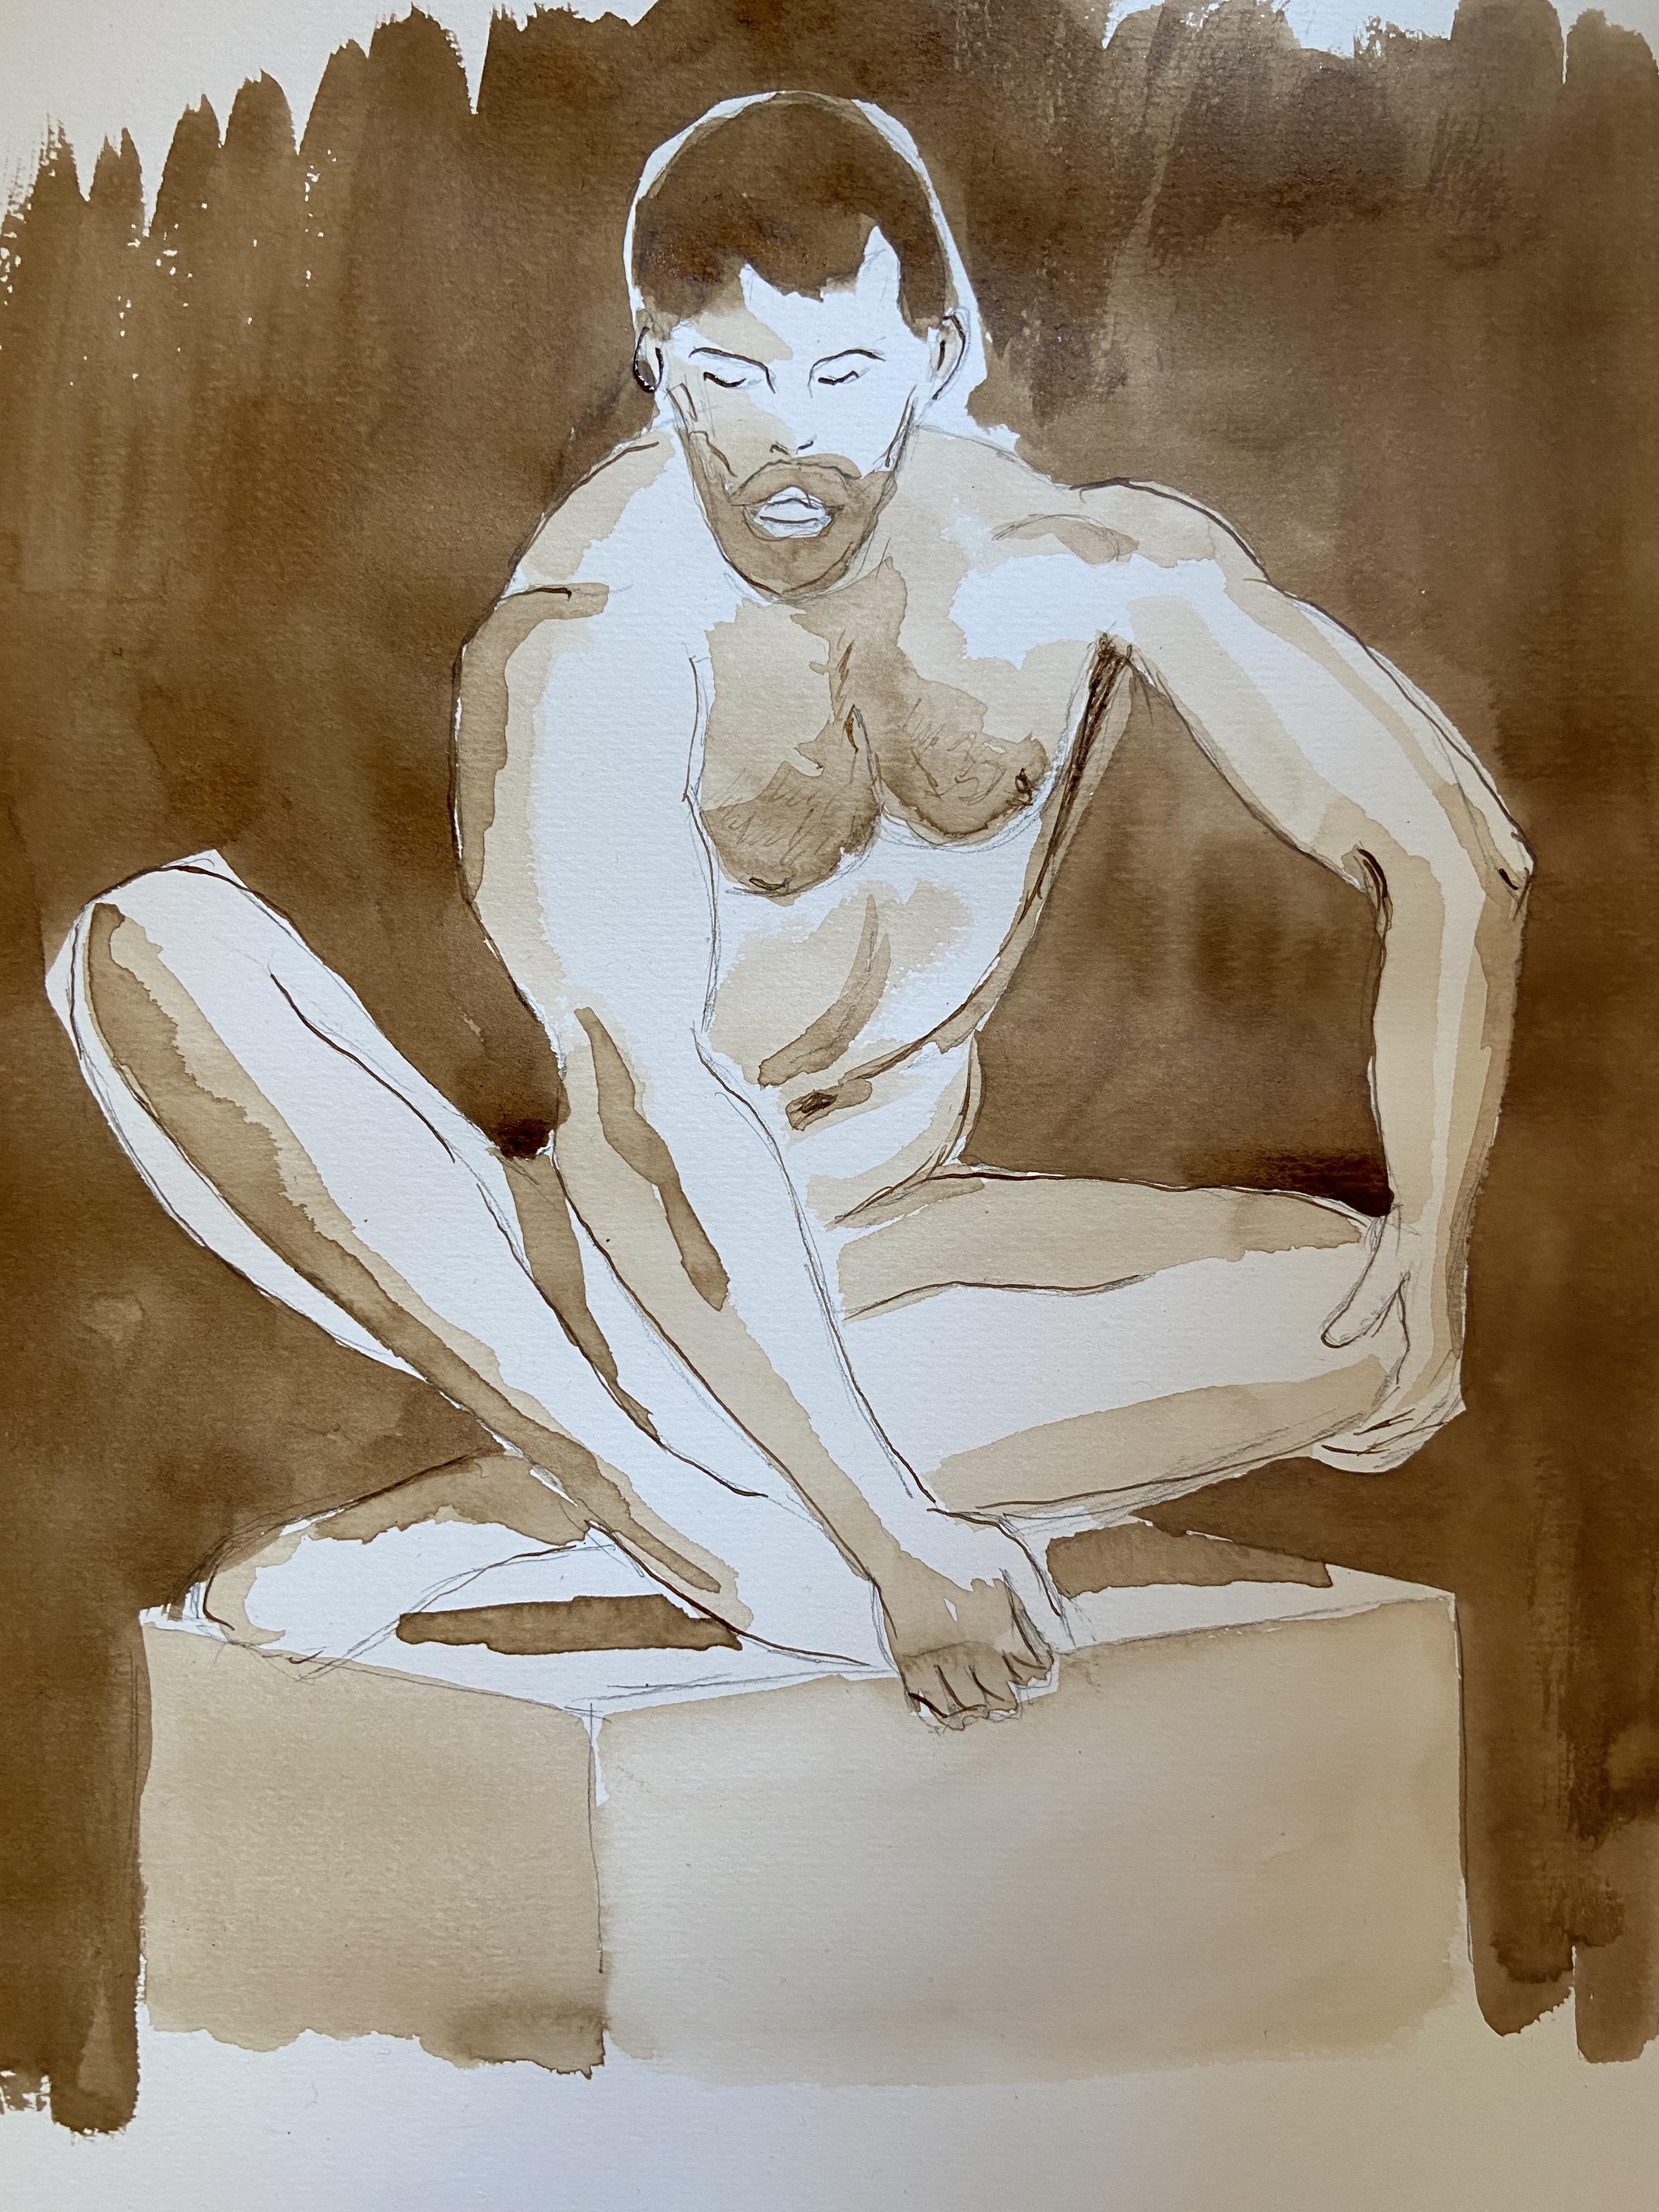 Brou de noix mod�le homme assis d'ailleurs dessin  cours de dessin